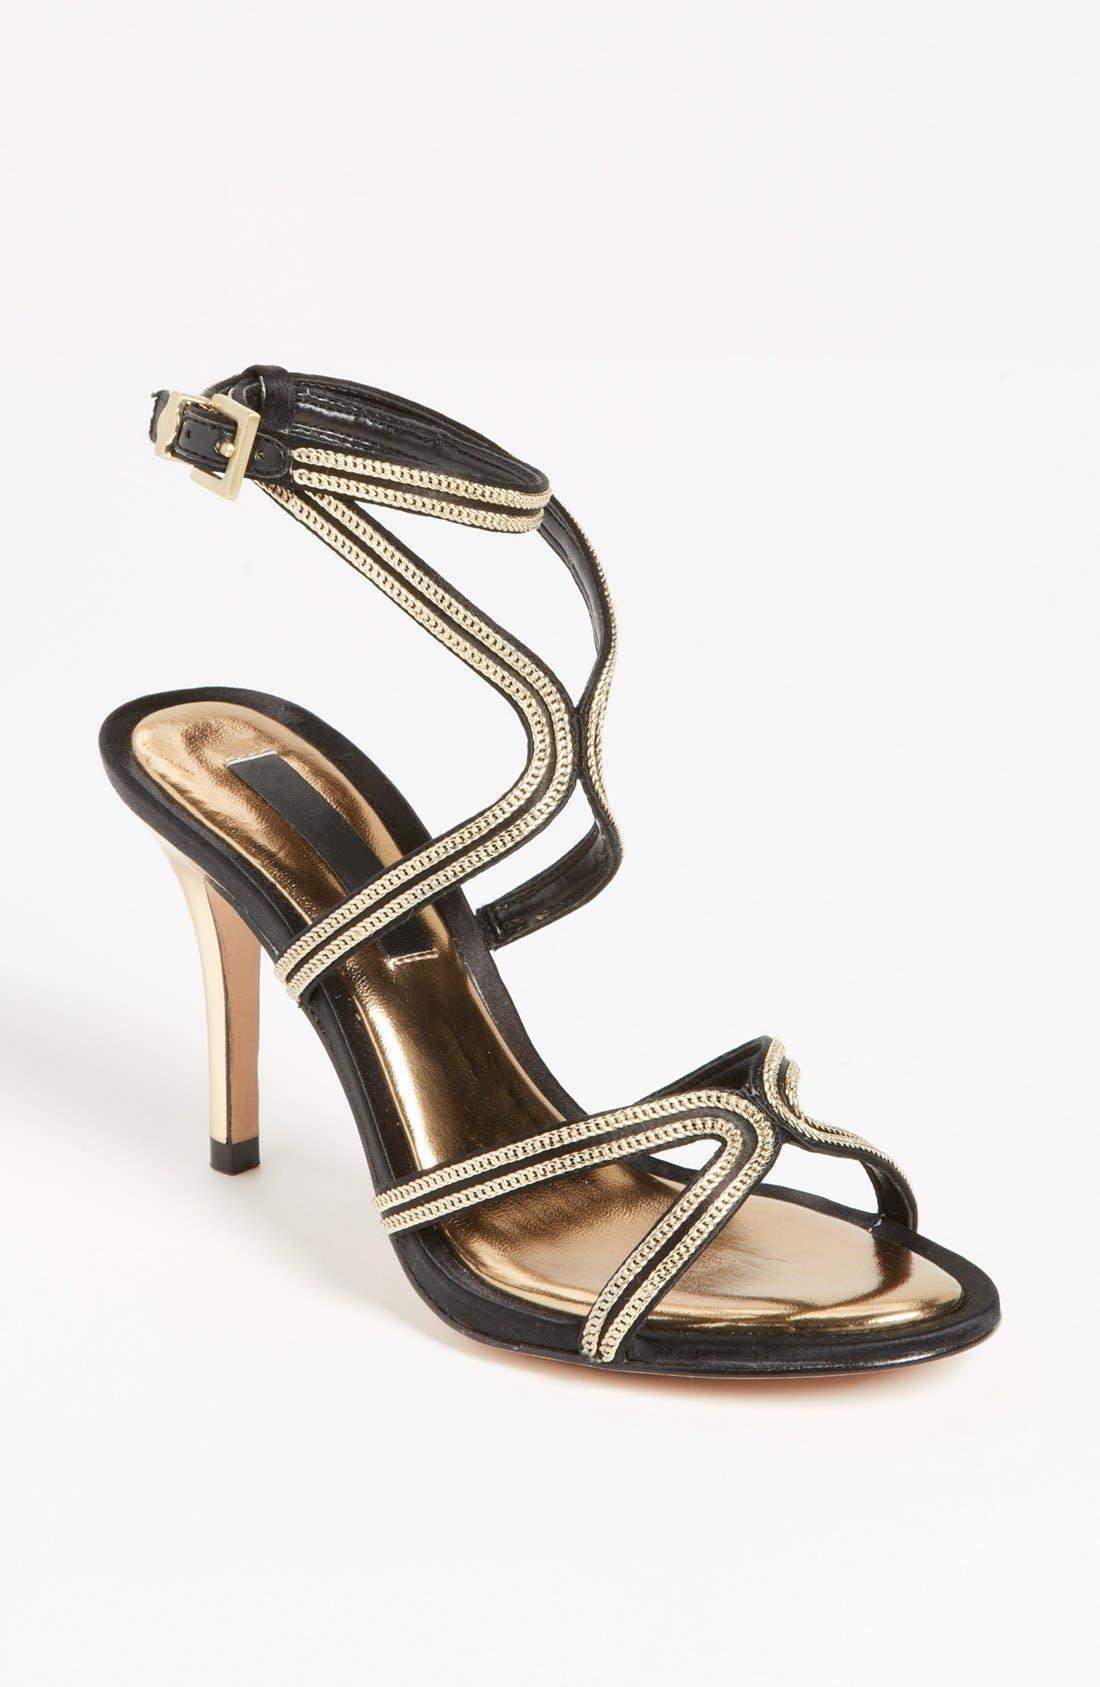 Alternate Image 1 Selected - BCBGMAXAZRIA 'Primp' Sandal